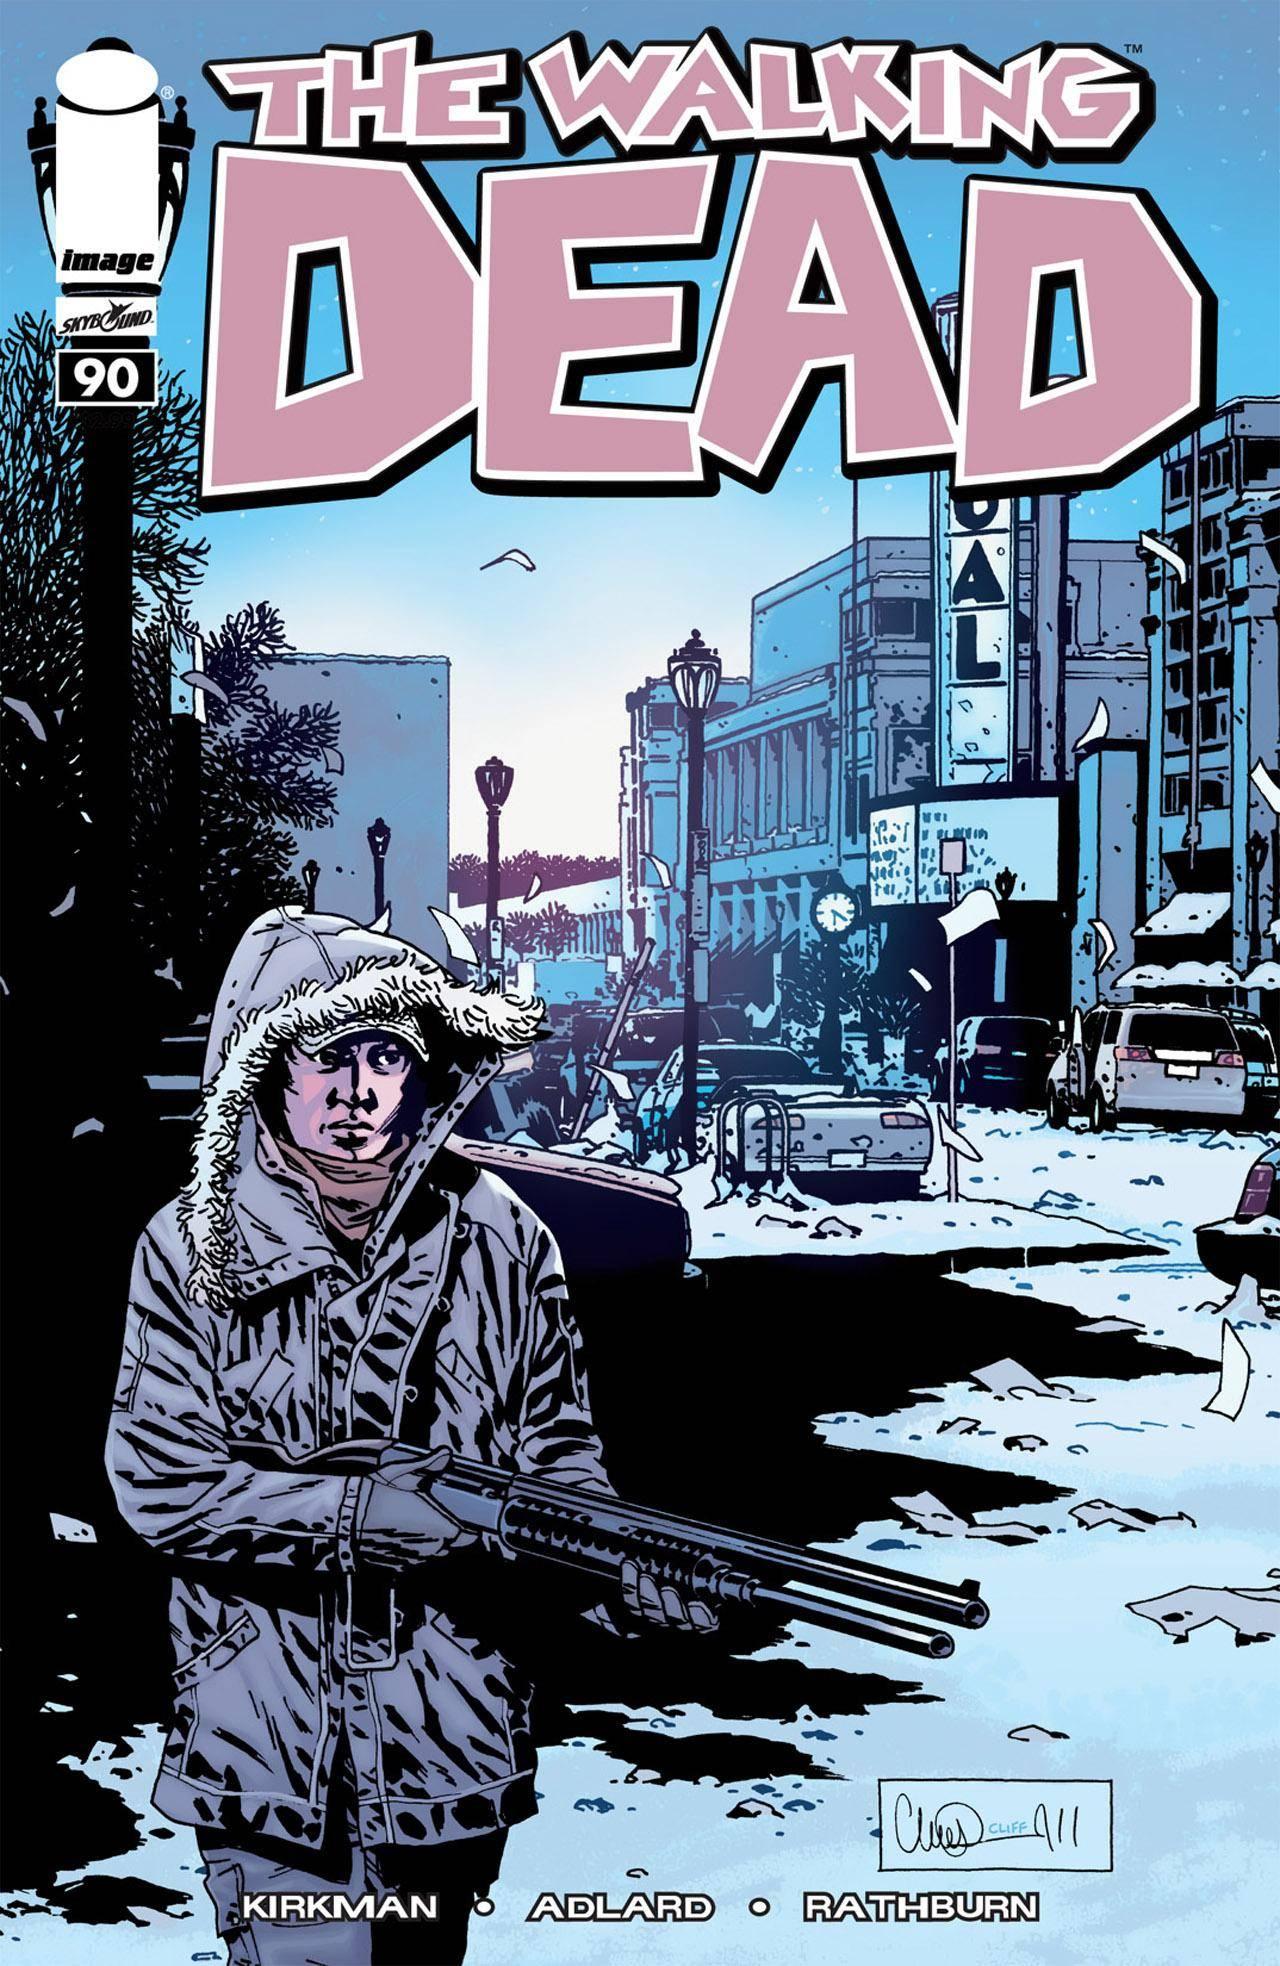 Walking Dead 090 2011 digital